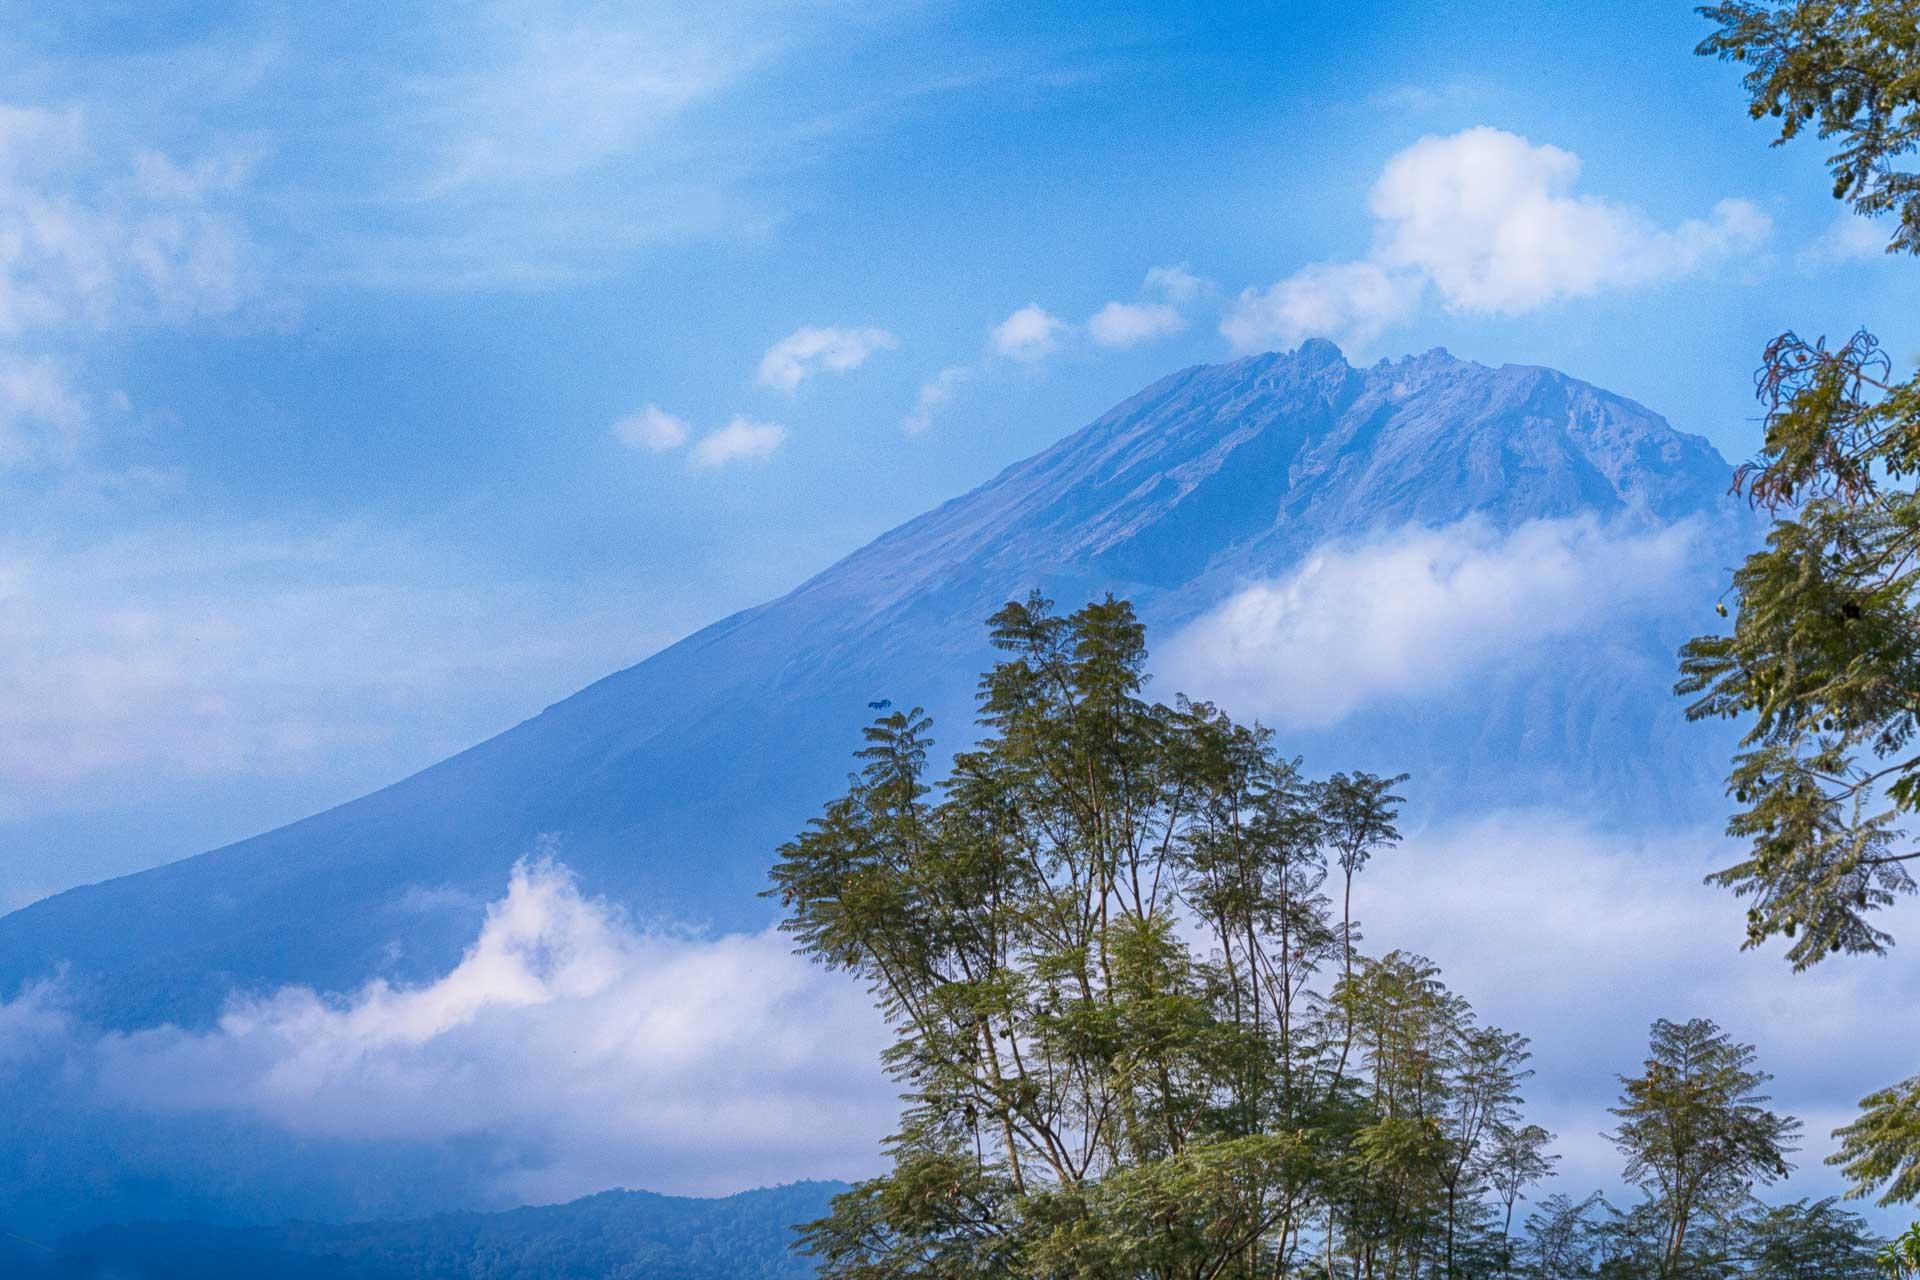 Arusha, Mount Meru